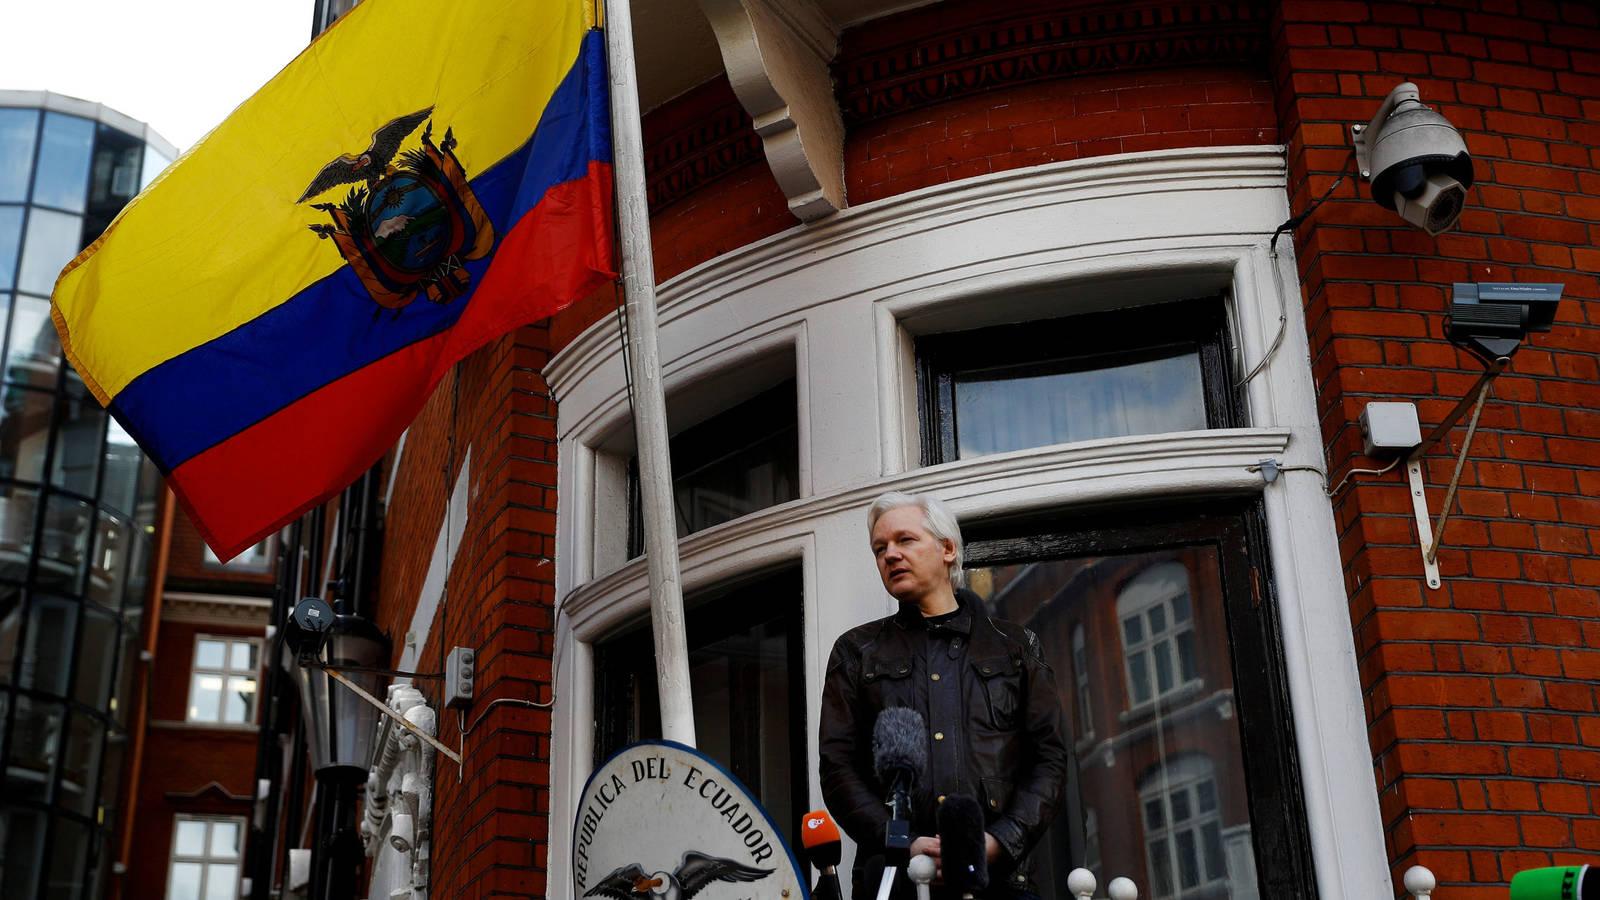 Reportan reporta millones de ciberataques en Ecuador tras arresto de Assange